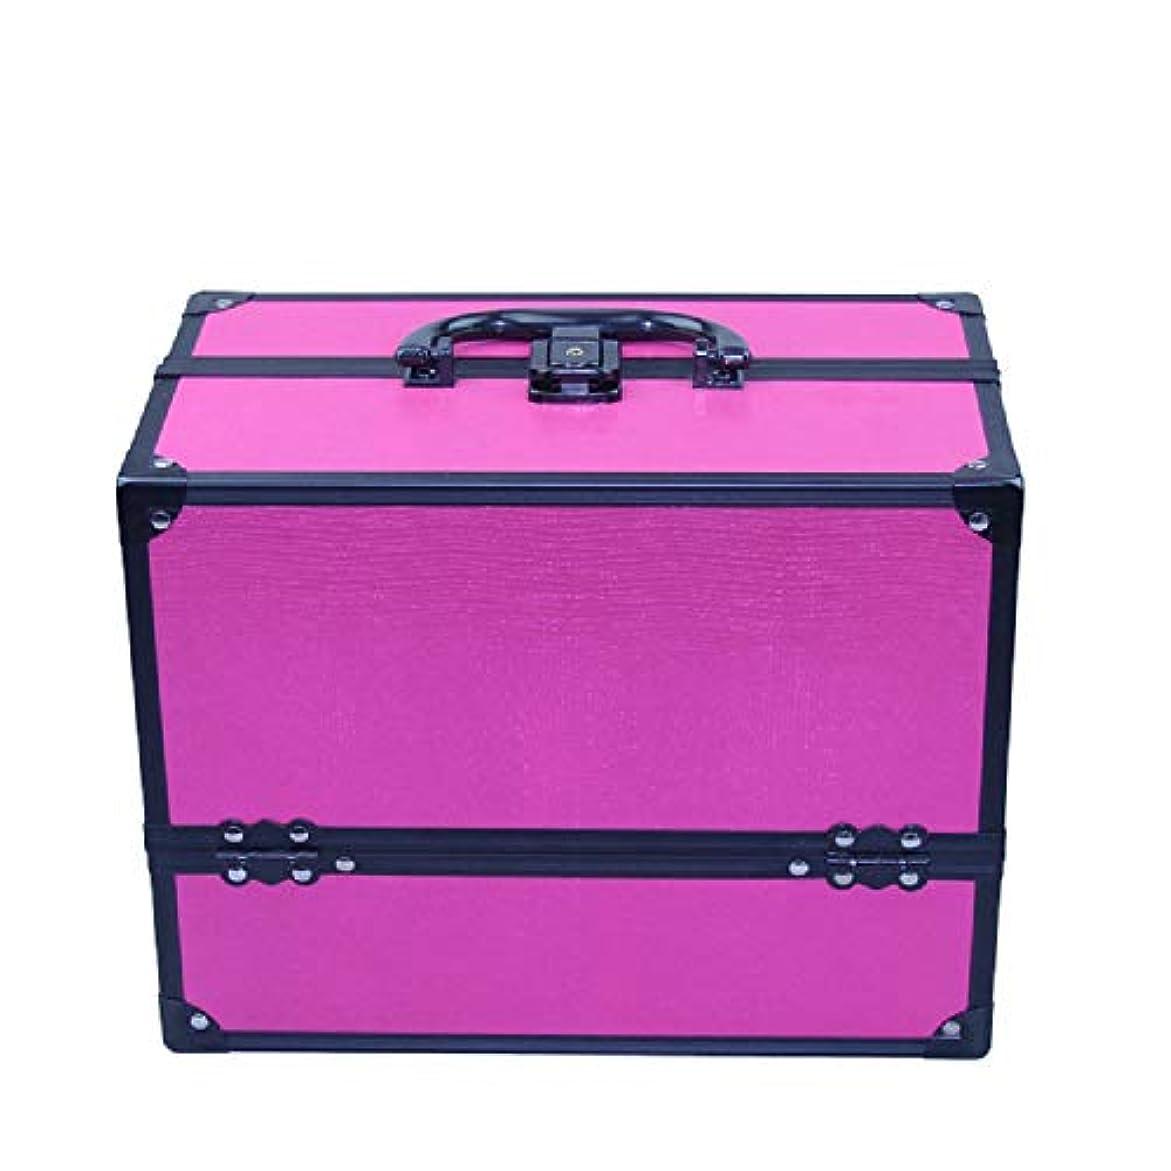 万歳チャップリサイクルする化粧オーガナイザーバッグ 純粋な色のポータブル化粧品ケーストラベルアクセサリーシャンプーボディウォッシュパーソナルアイテムストレージロックとスライディングトレイ 化粧品ケース